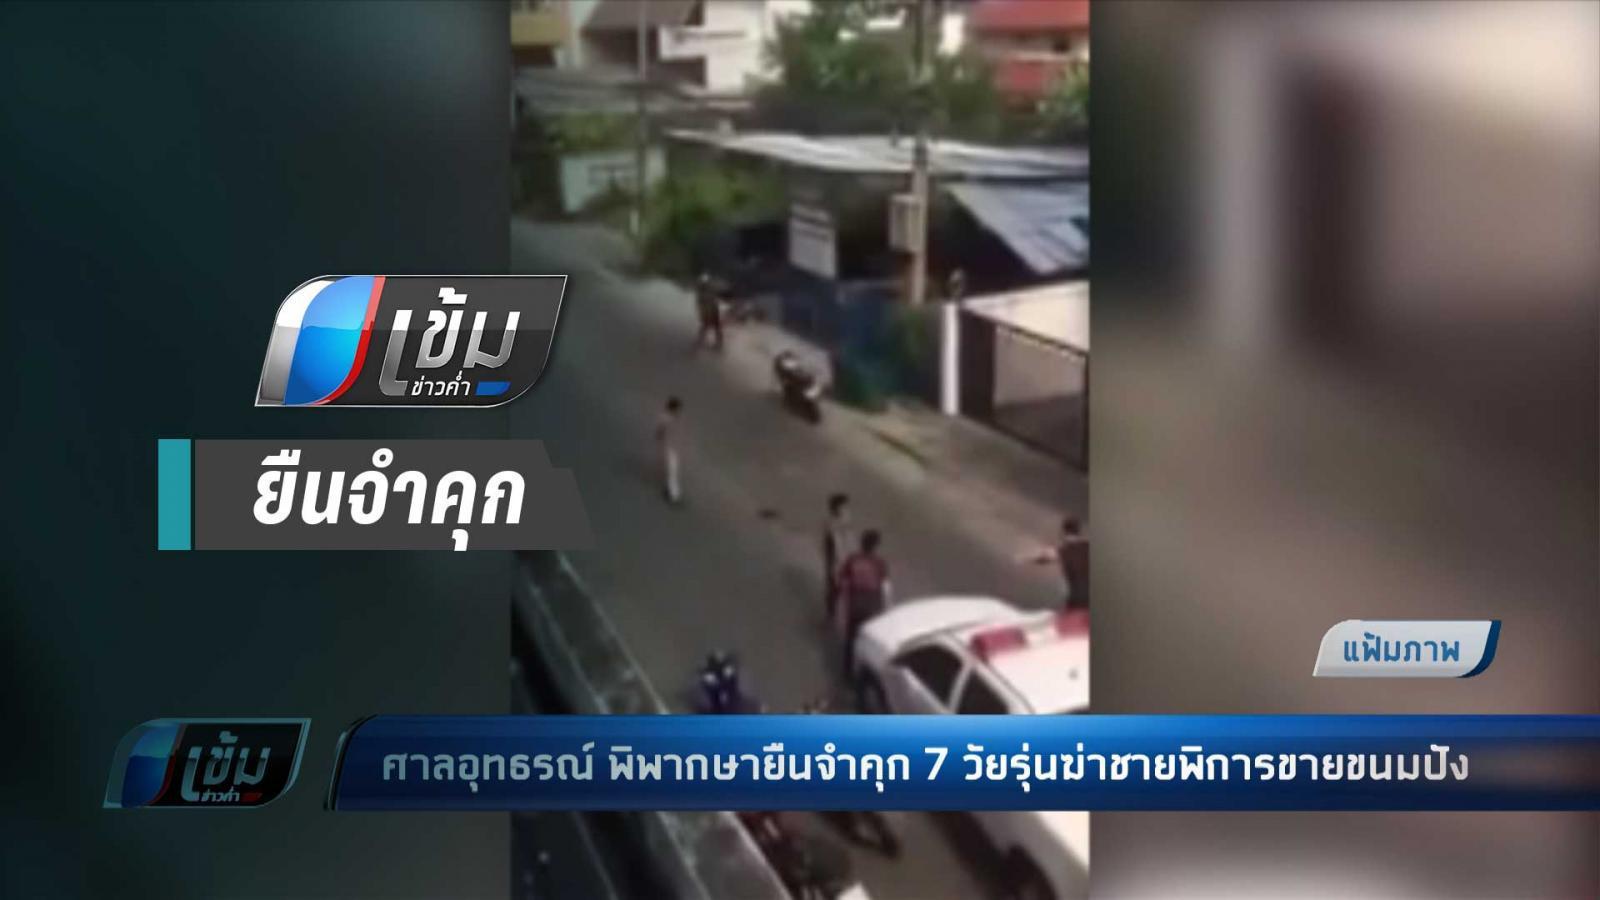 ศาลอุทธรณ์ พิพากษายืนจำคุก 7 วัยรุ่น ฆ่าชายพิการขายขนมปัง